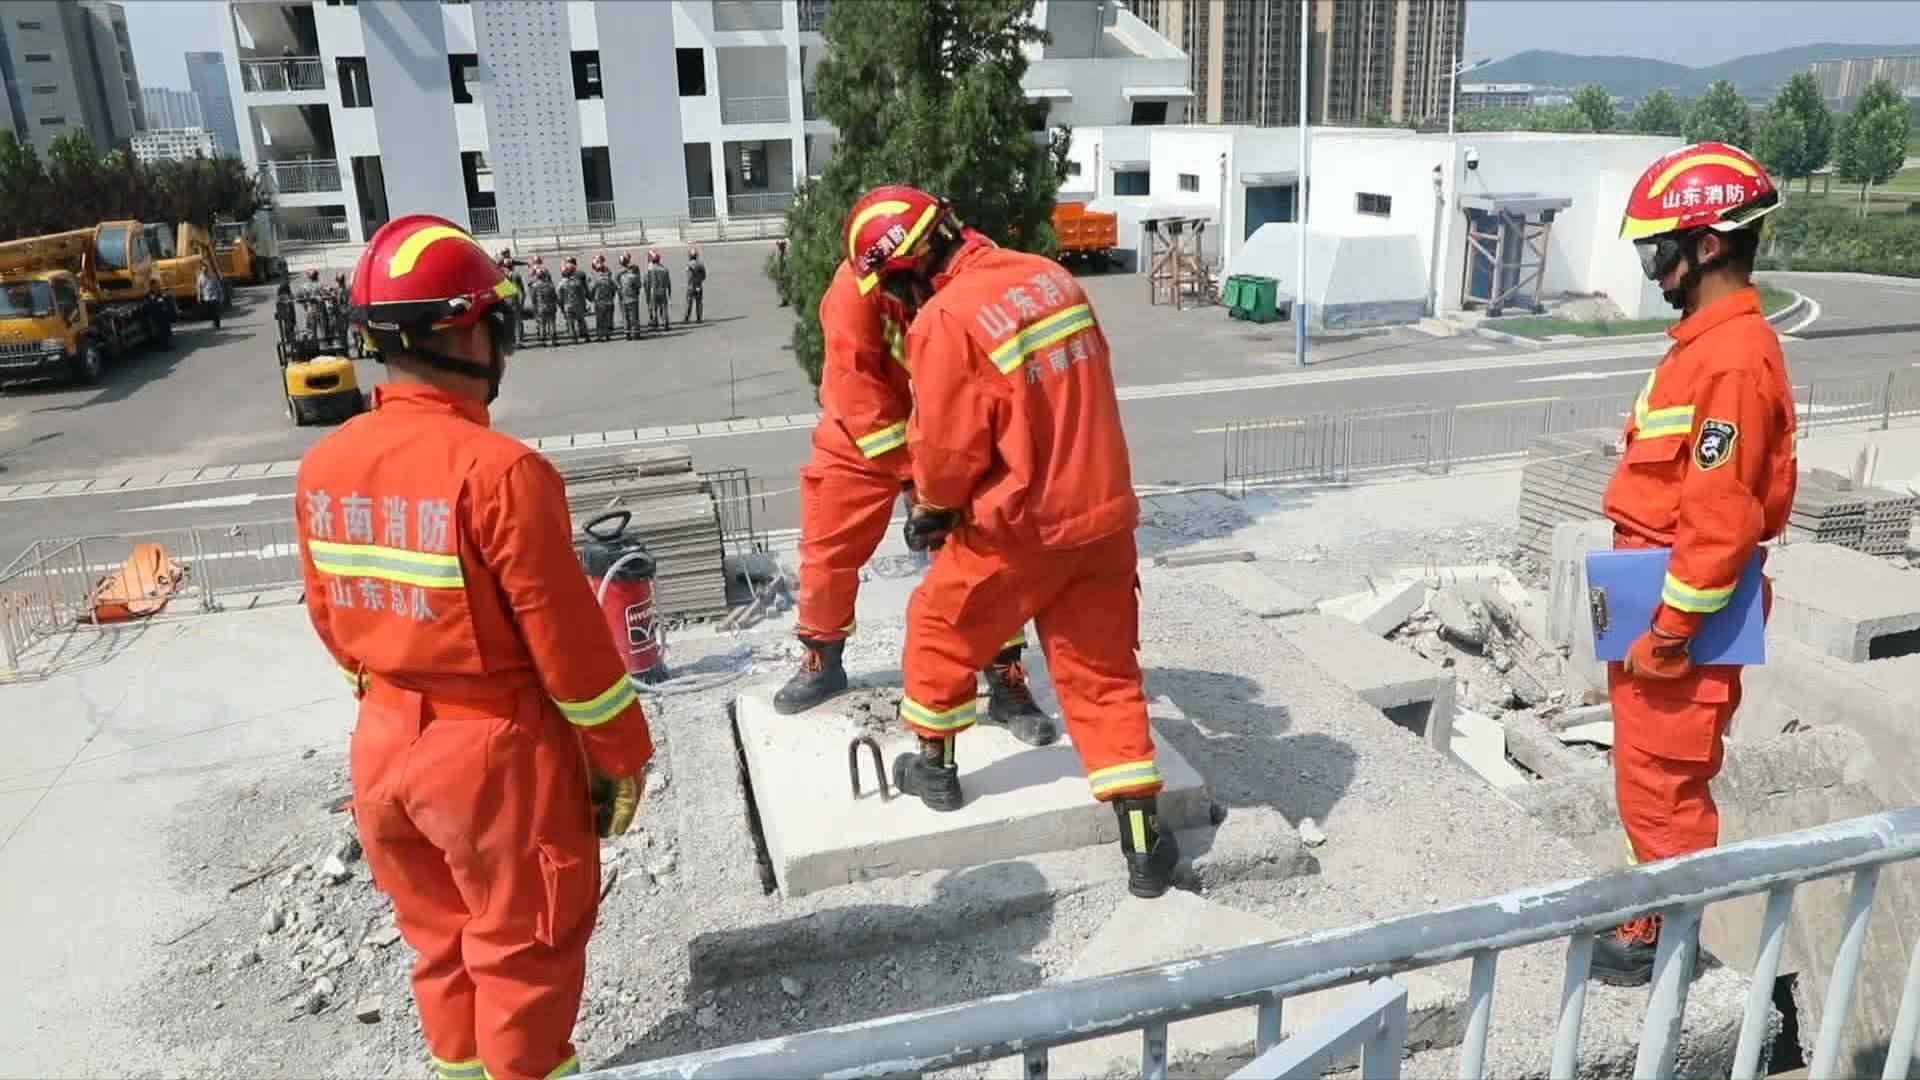 《应急在线》20200802:鲁西应急大演练 5.8级地震大救援